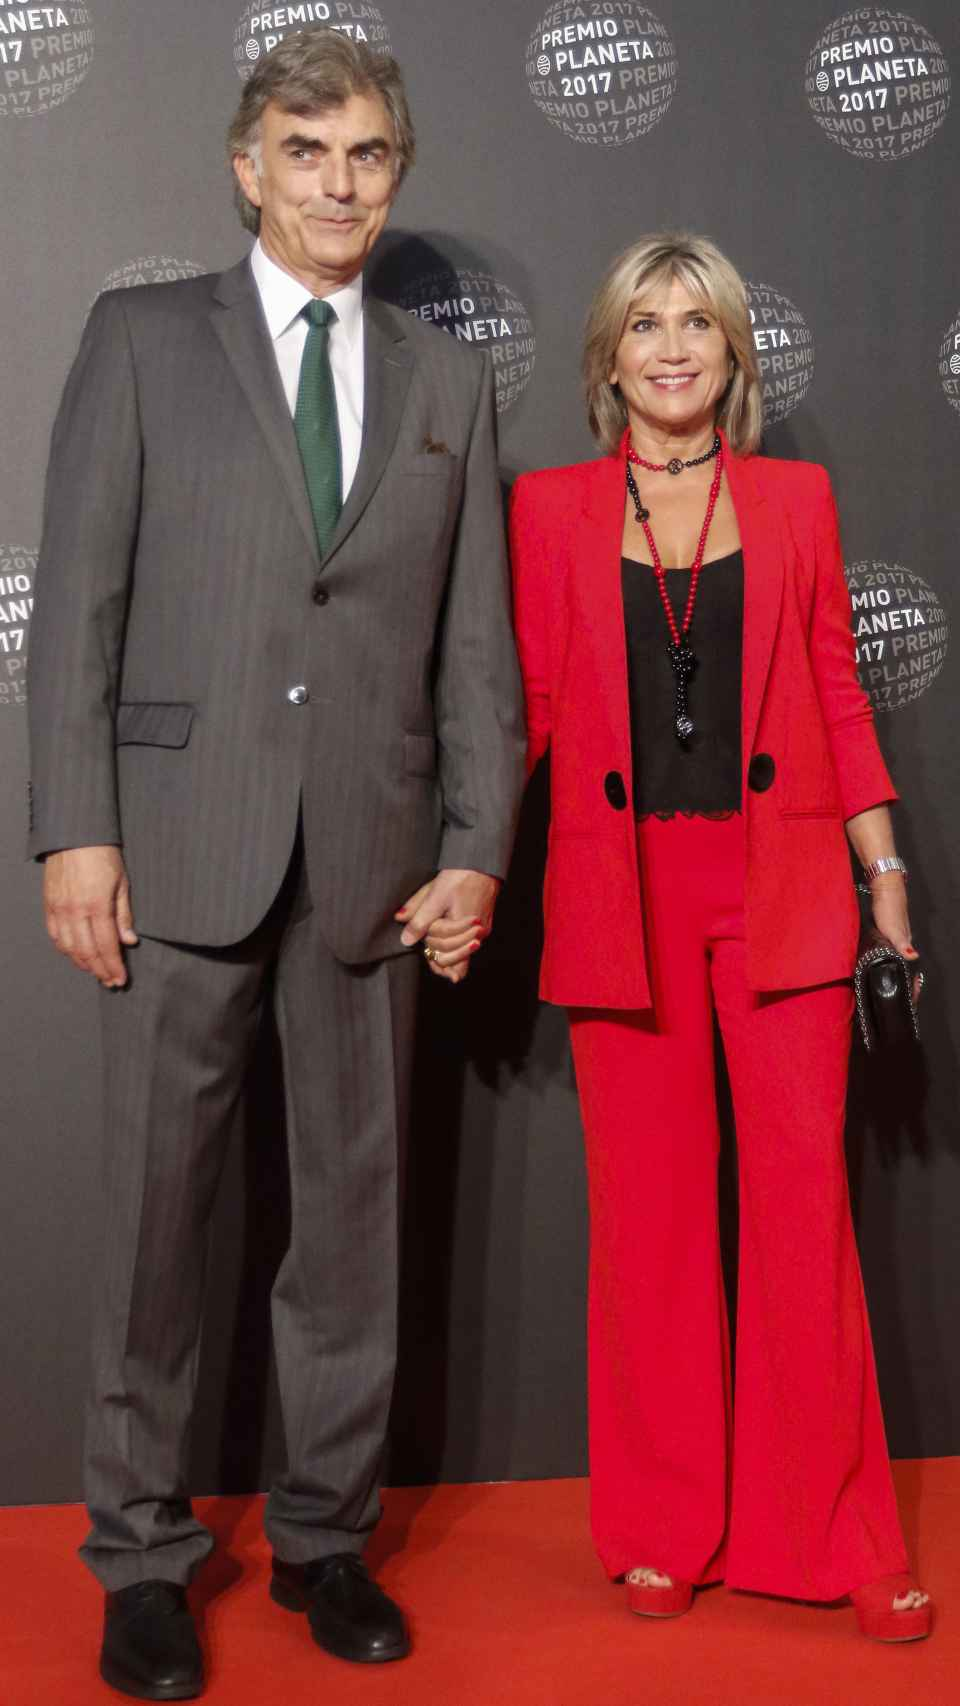 Julia junto a su pareja Josep en 2017.